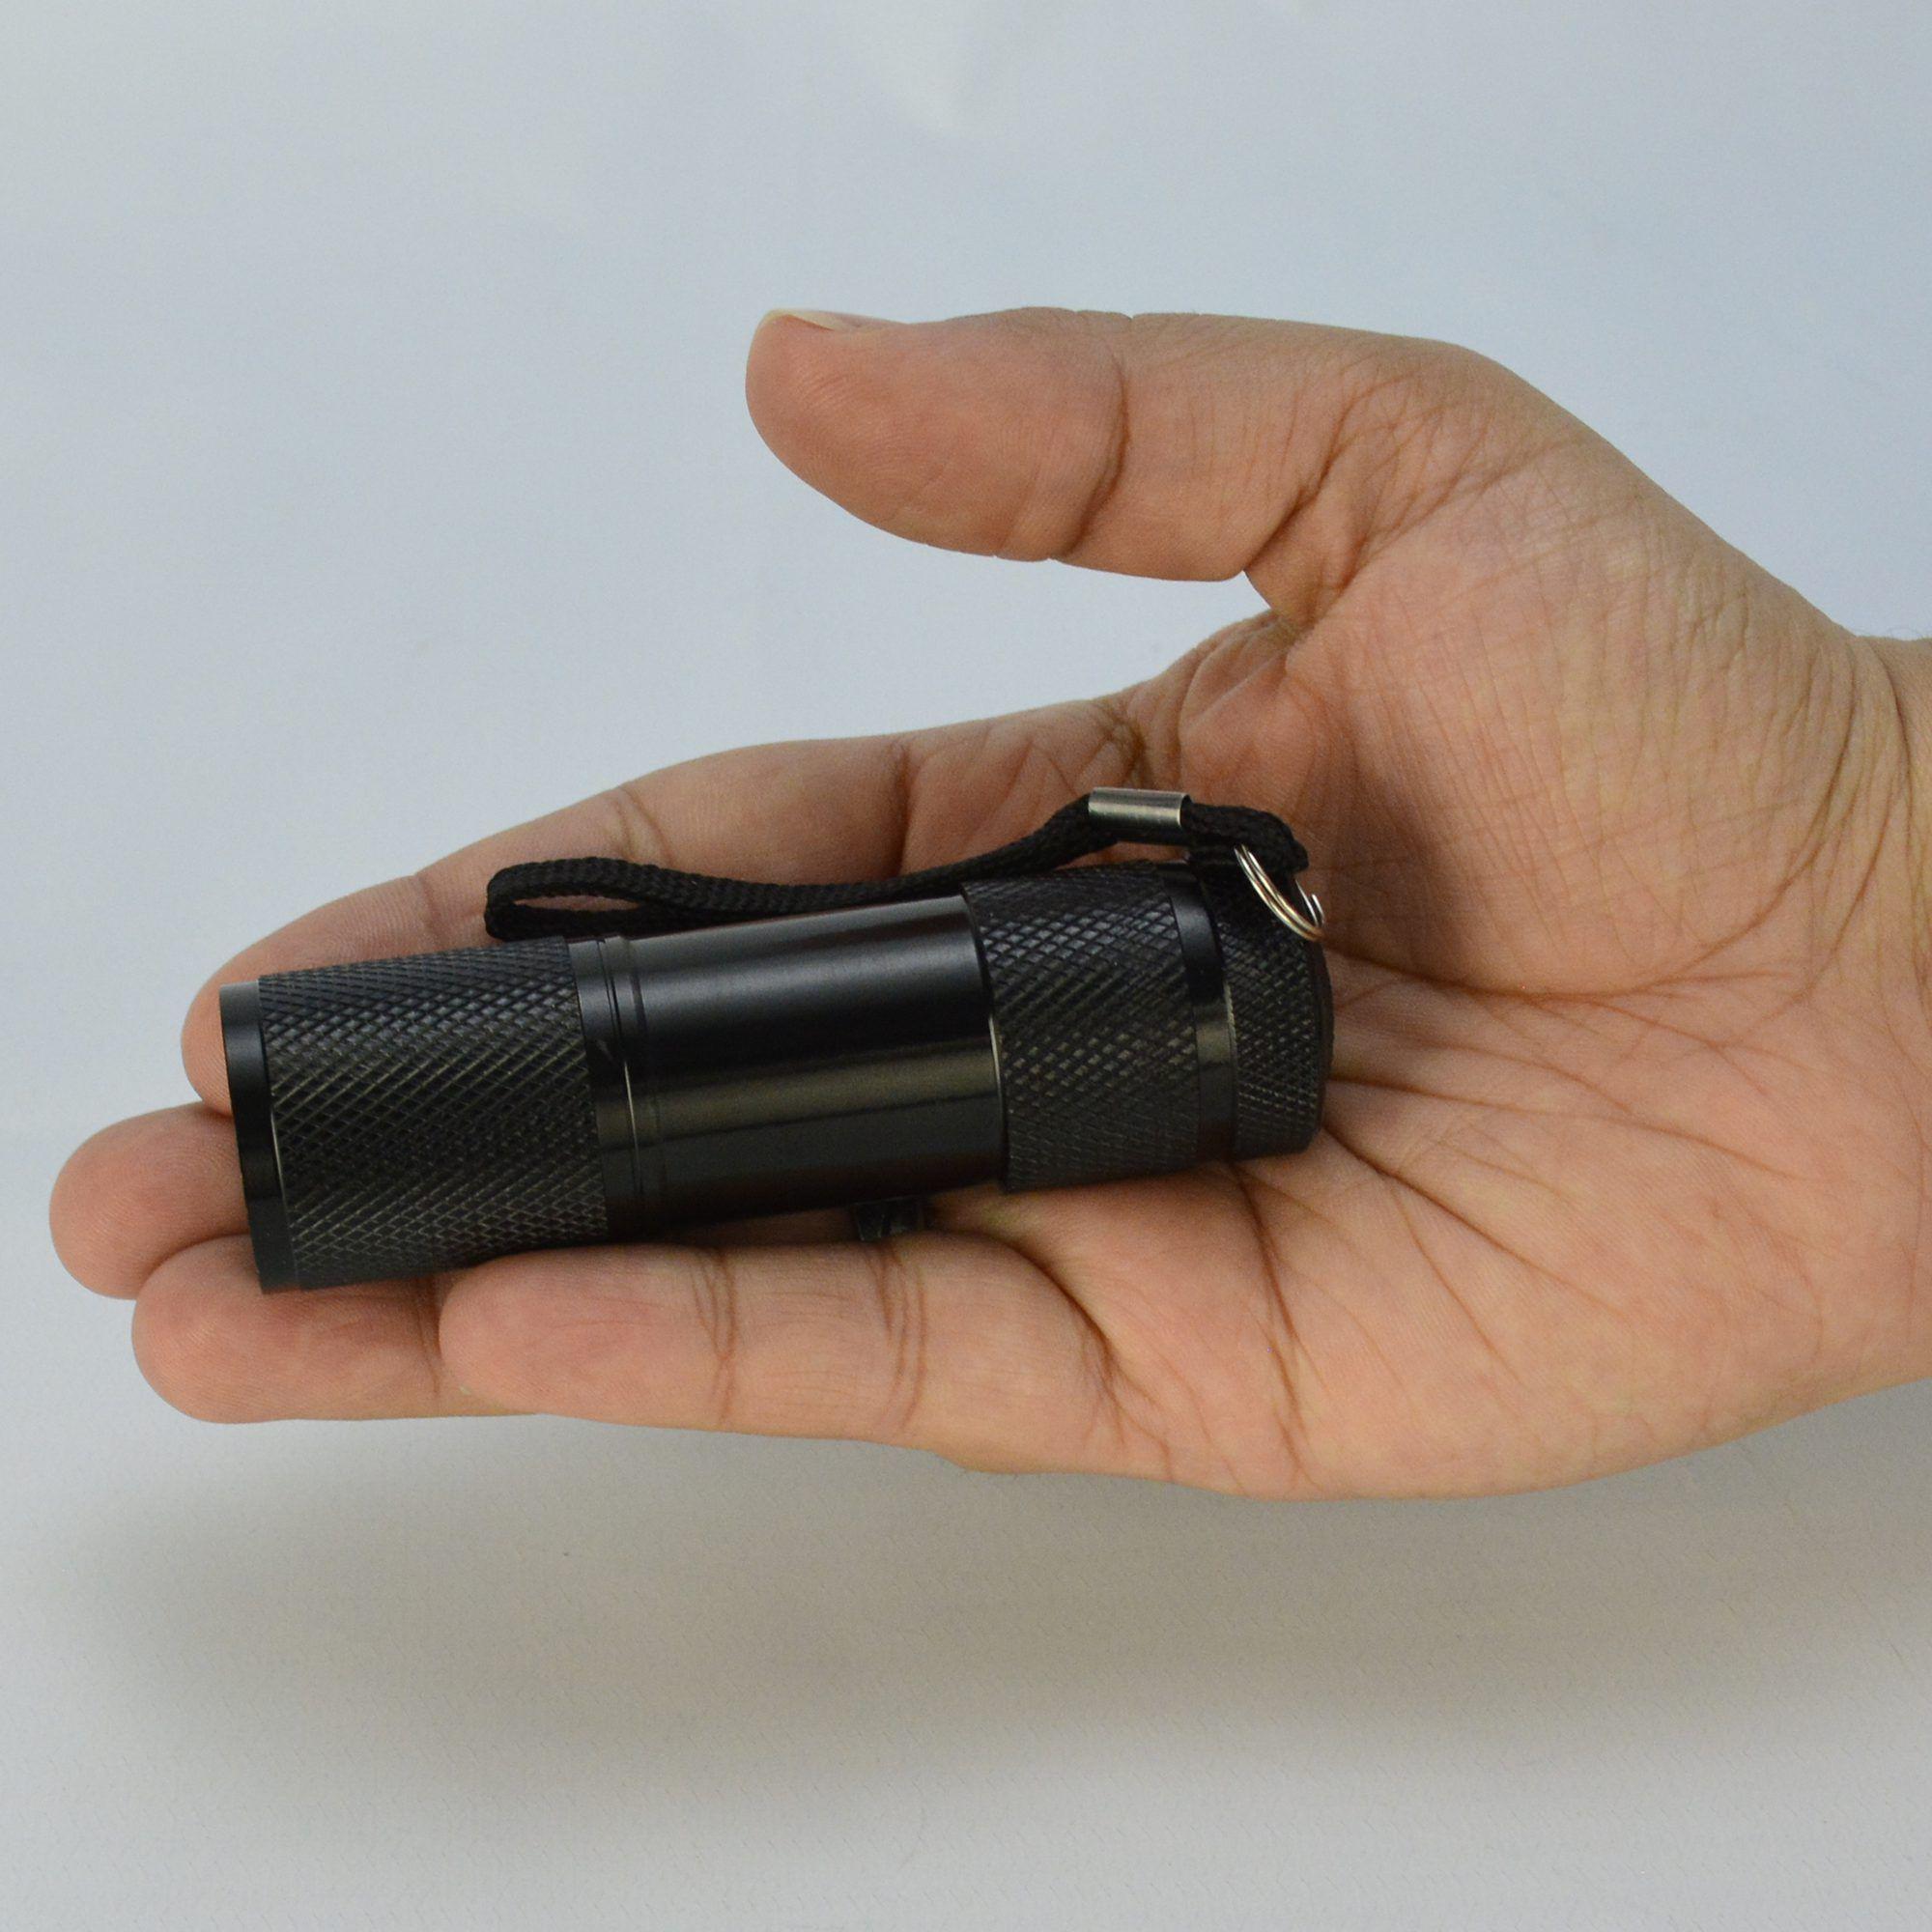 Detector de Dinheiro Falso Escorpião 9 LEDs UV Kit 5 Peças Preto CBRN11858